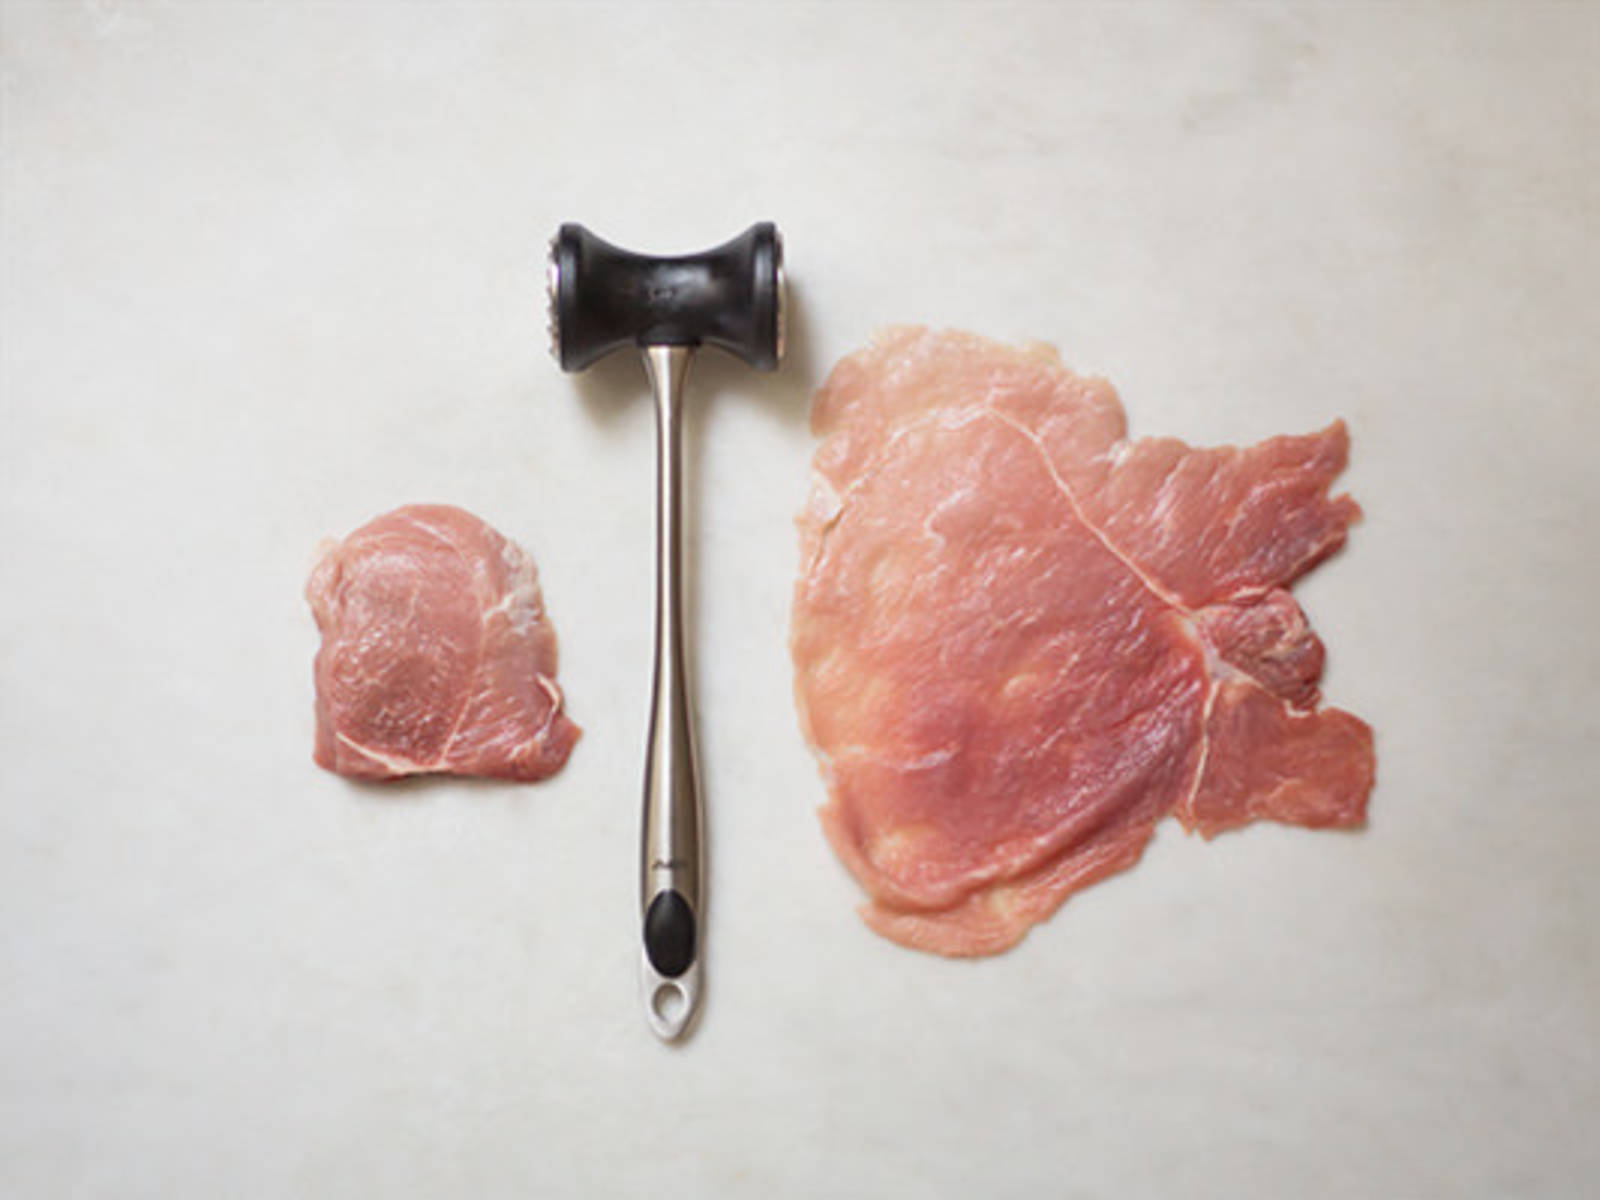 How to flatten meat